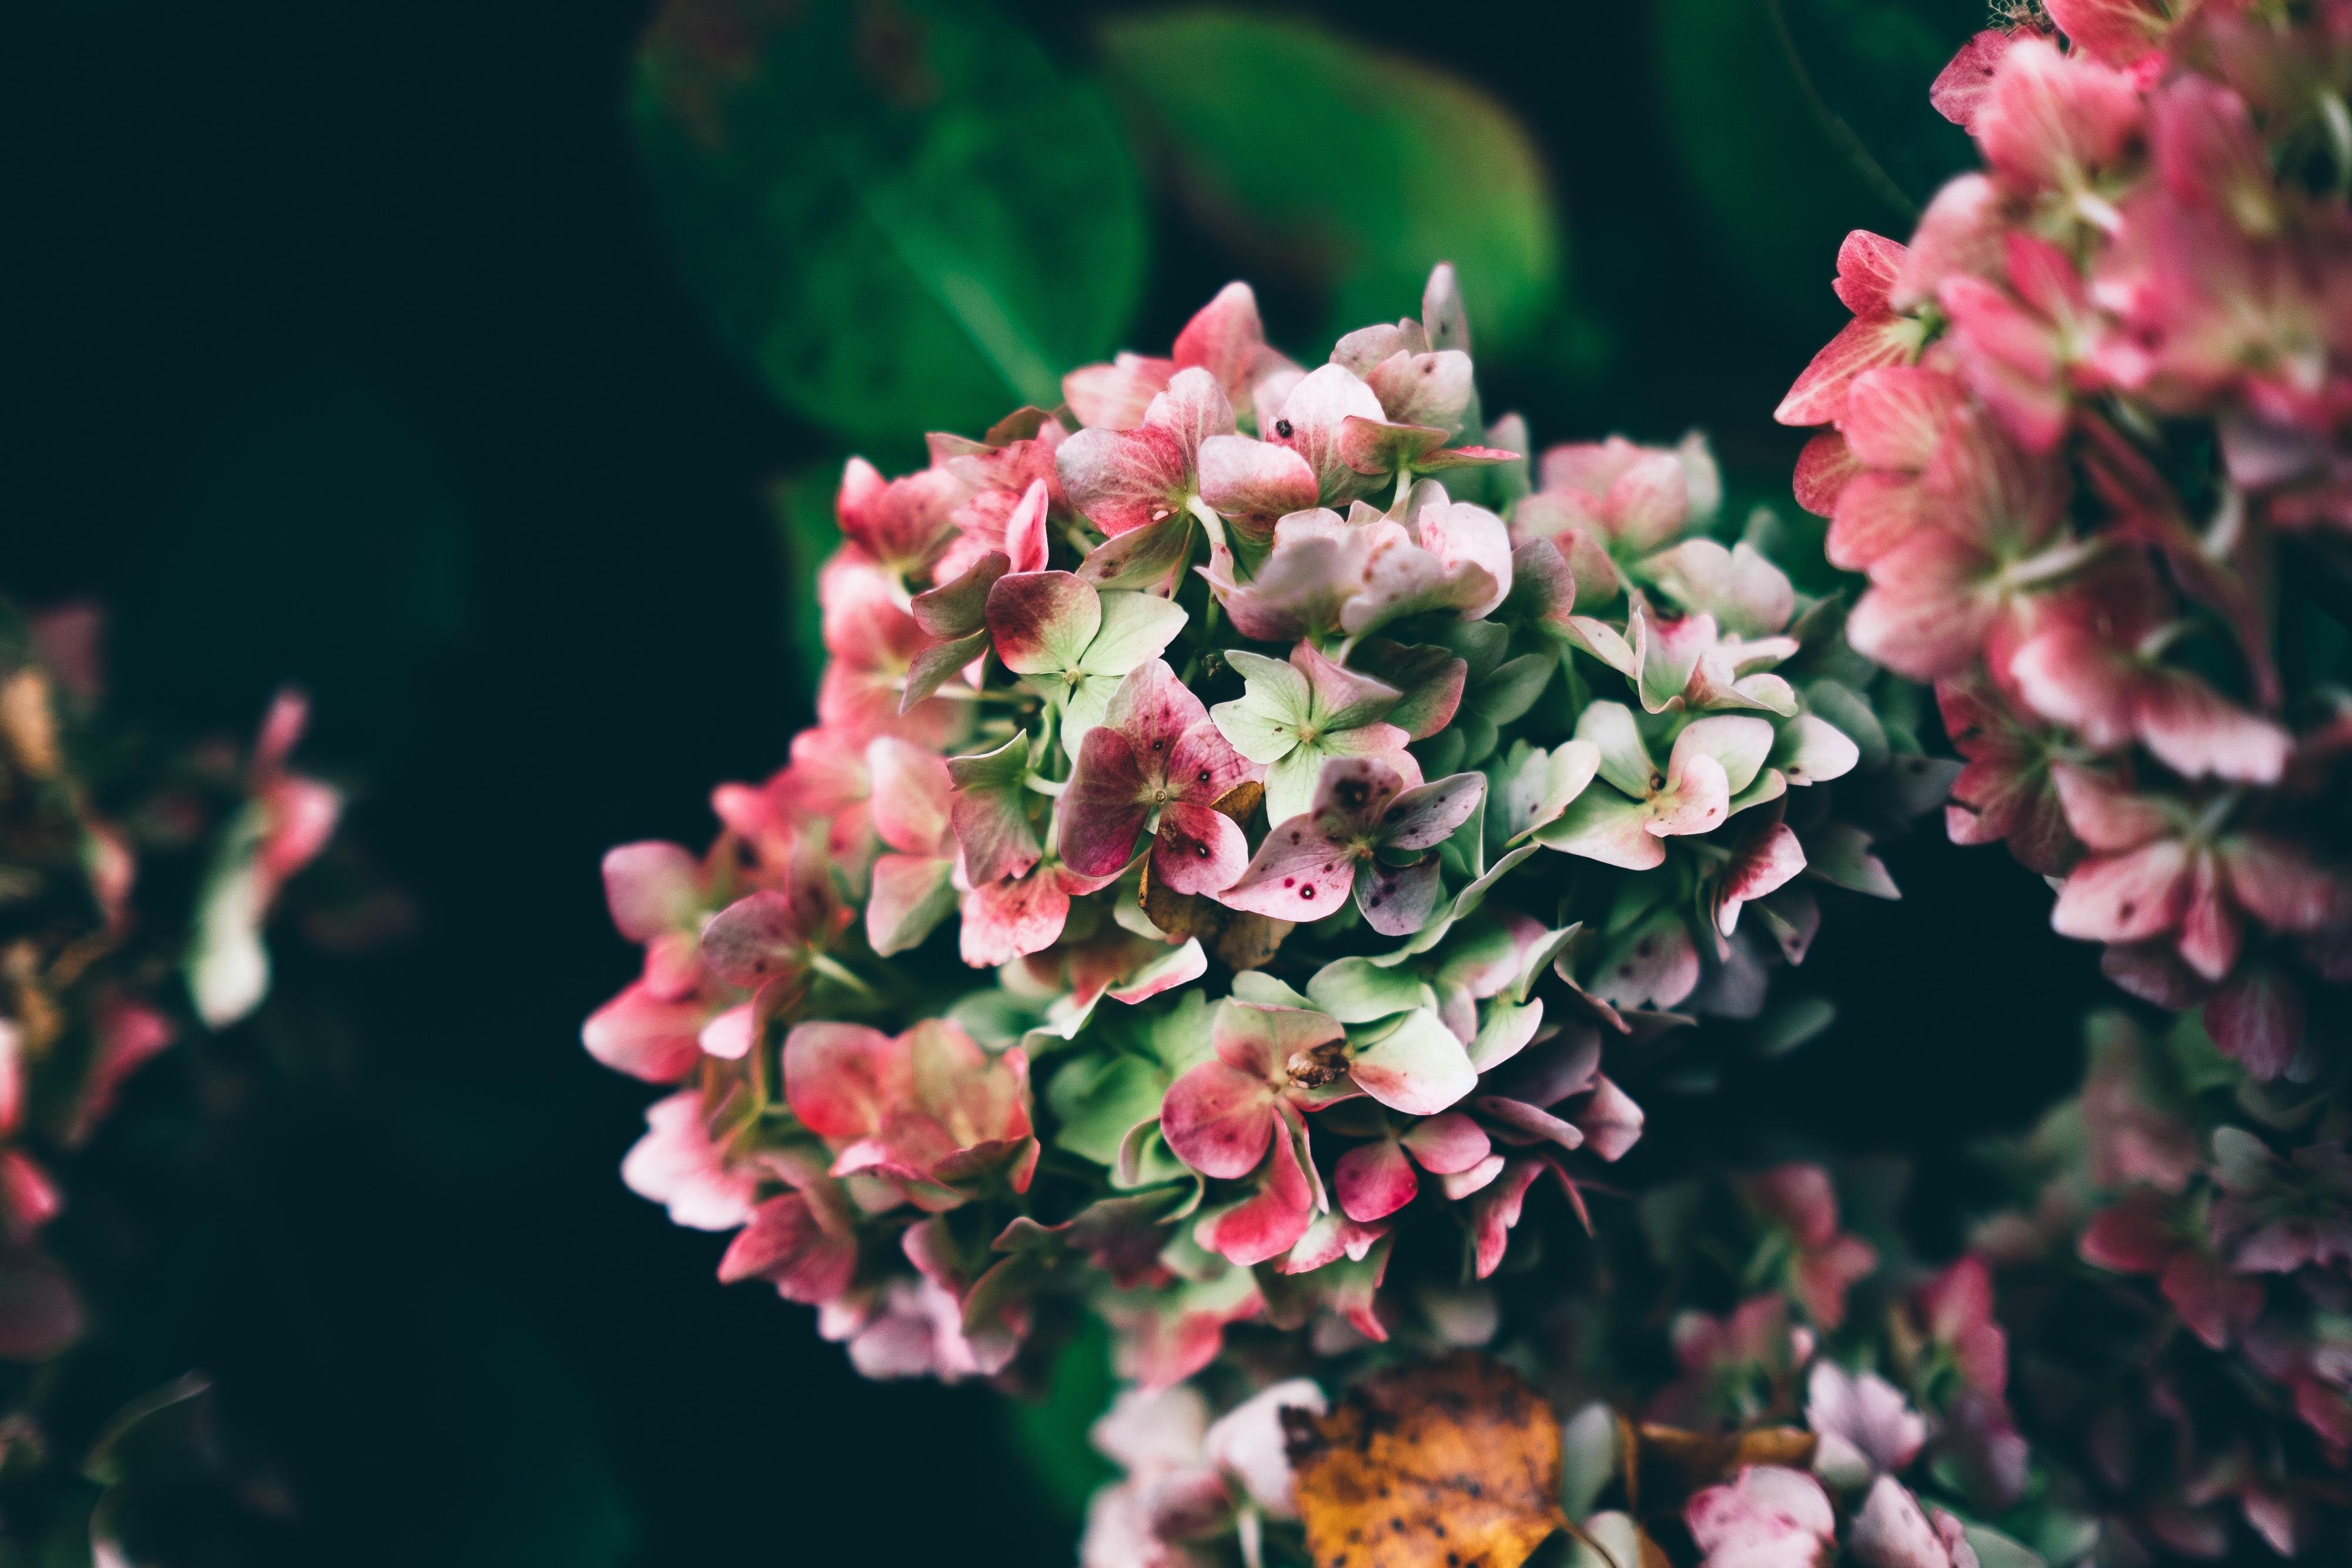 Growing flowers free stock photos life of pix for Un bouquet de roses